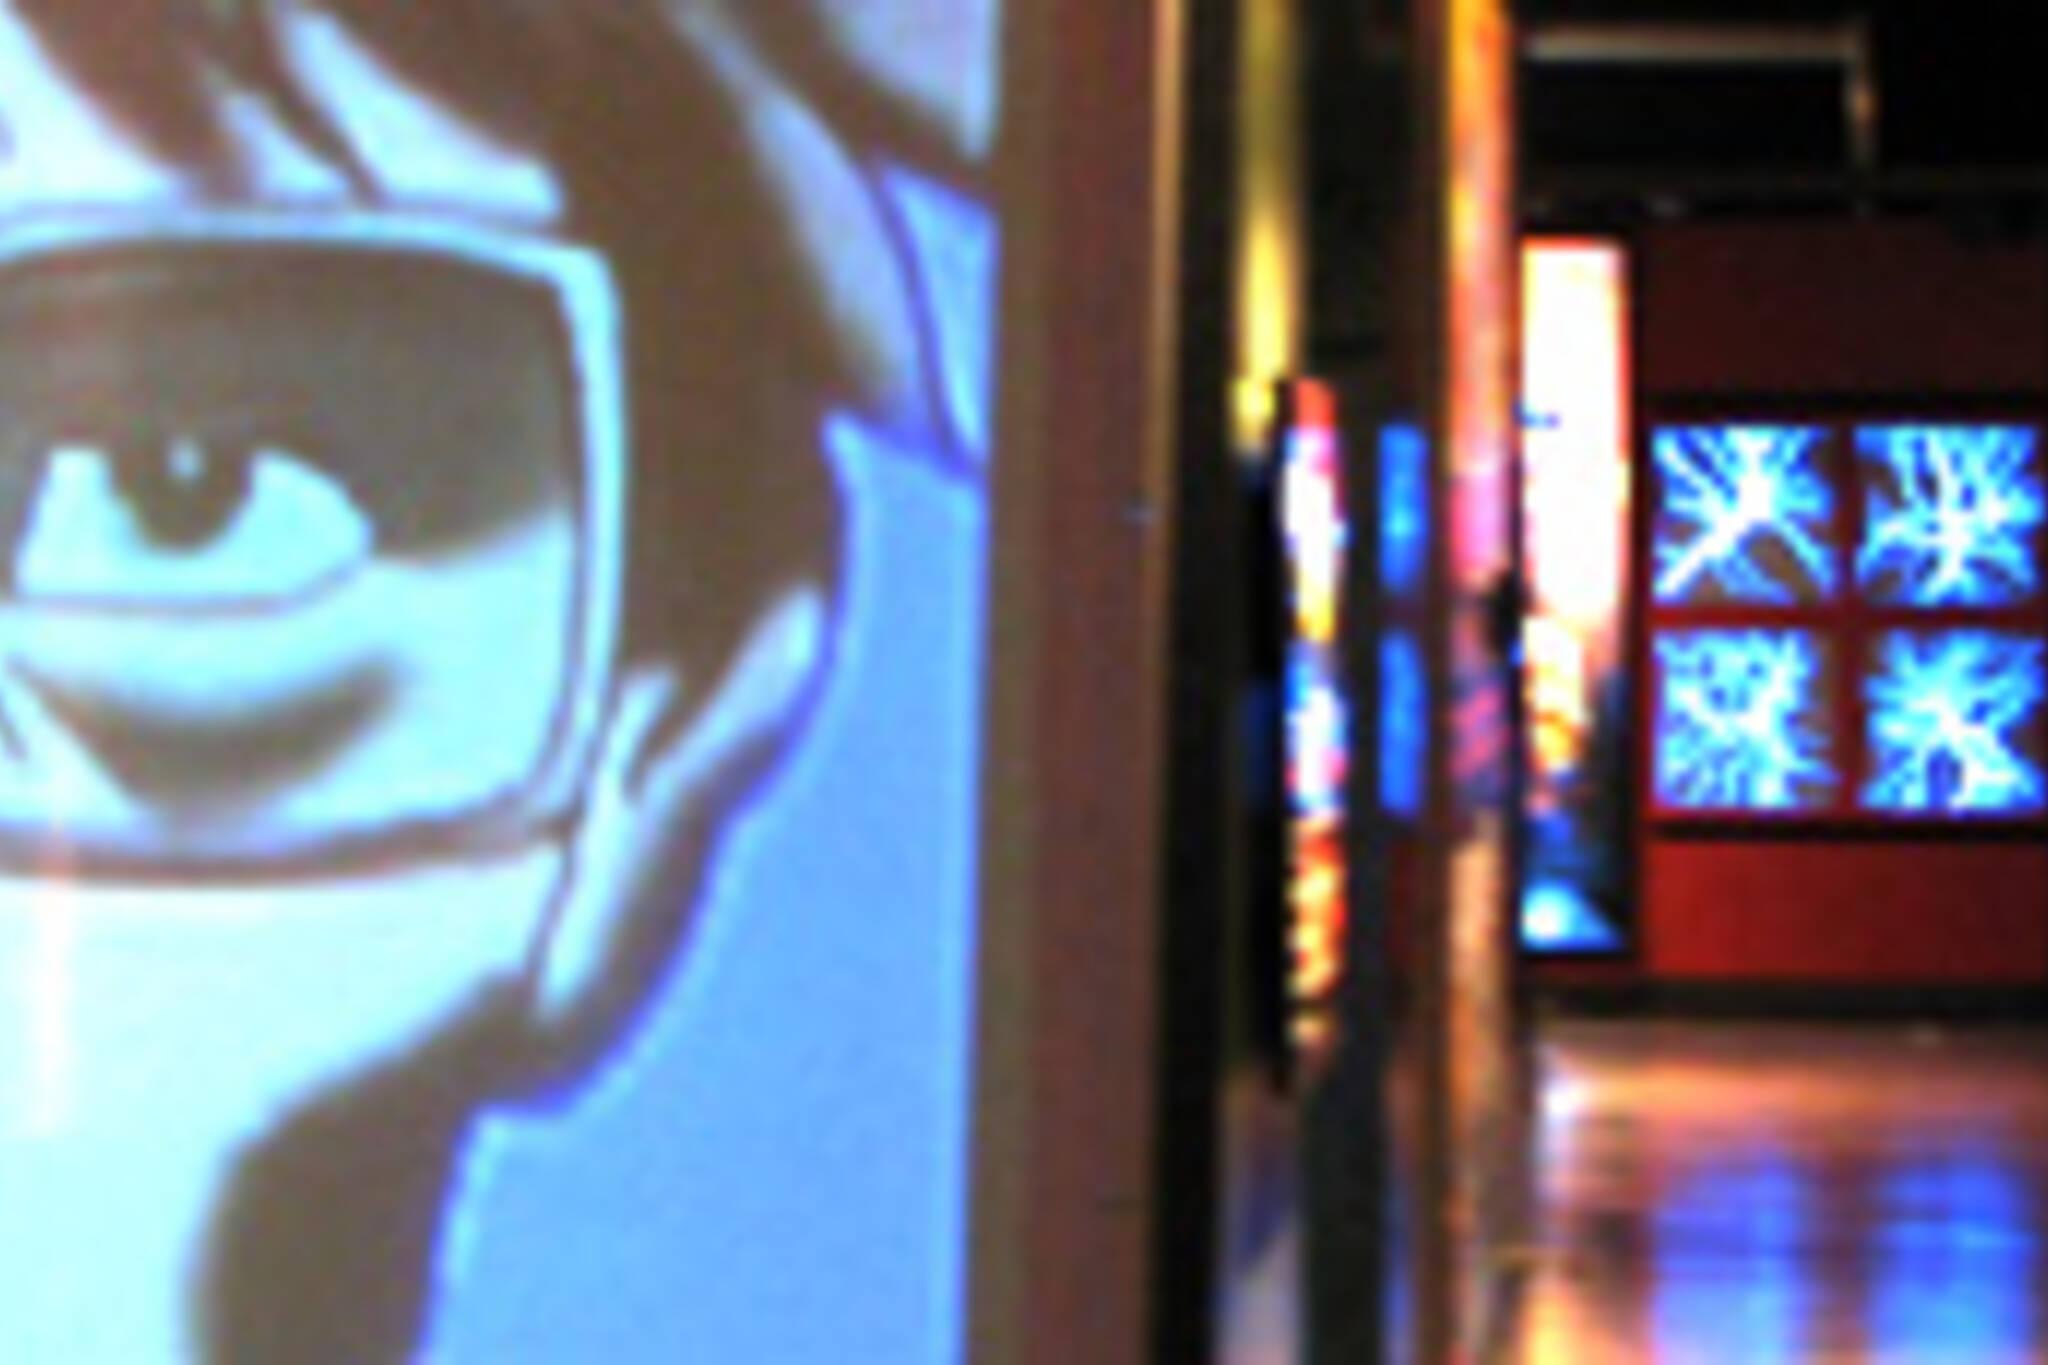 20061221_MarvelSuperHerosjpg.jpg